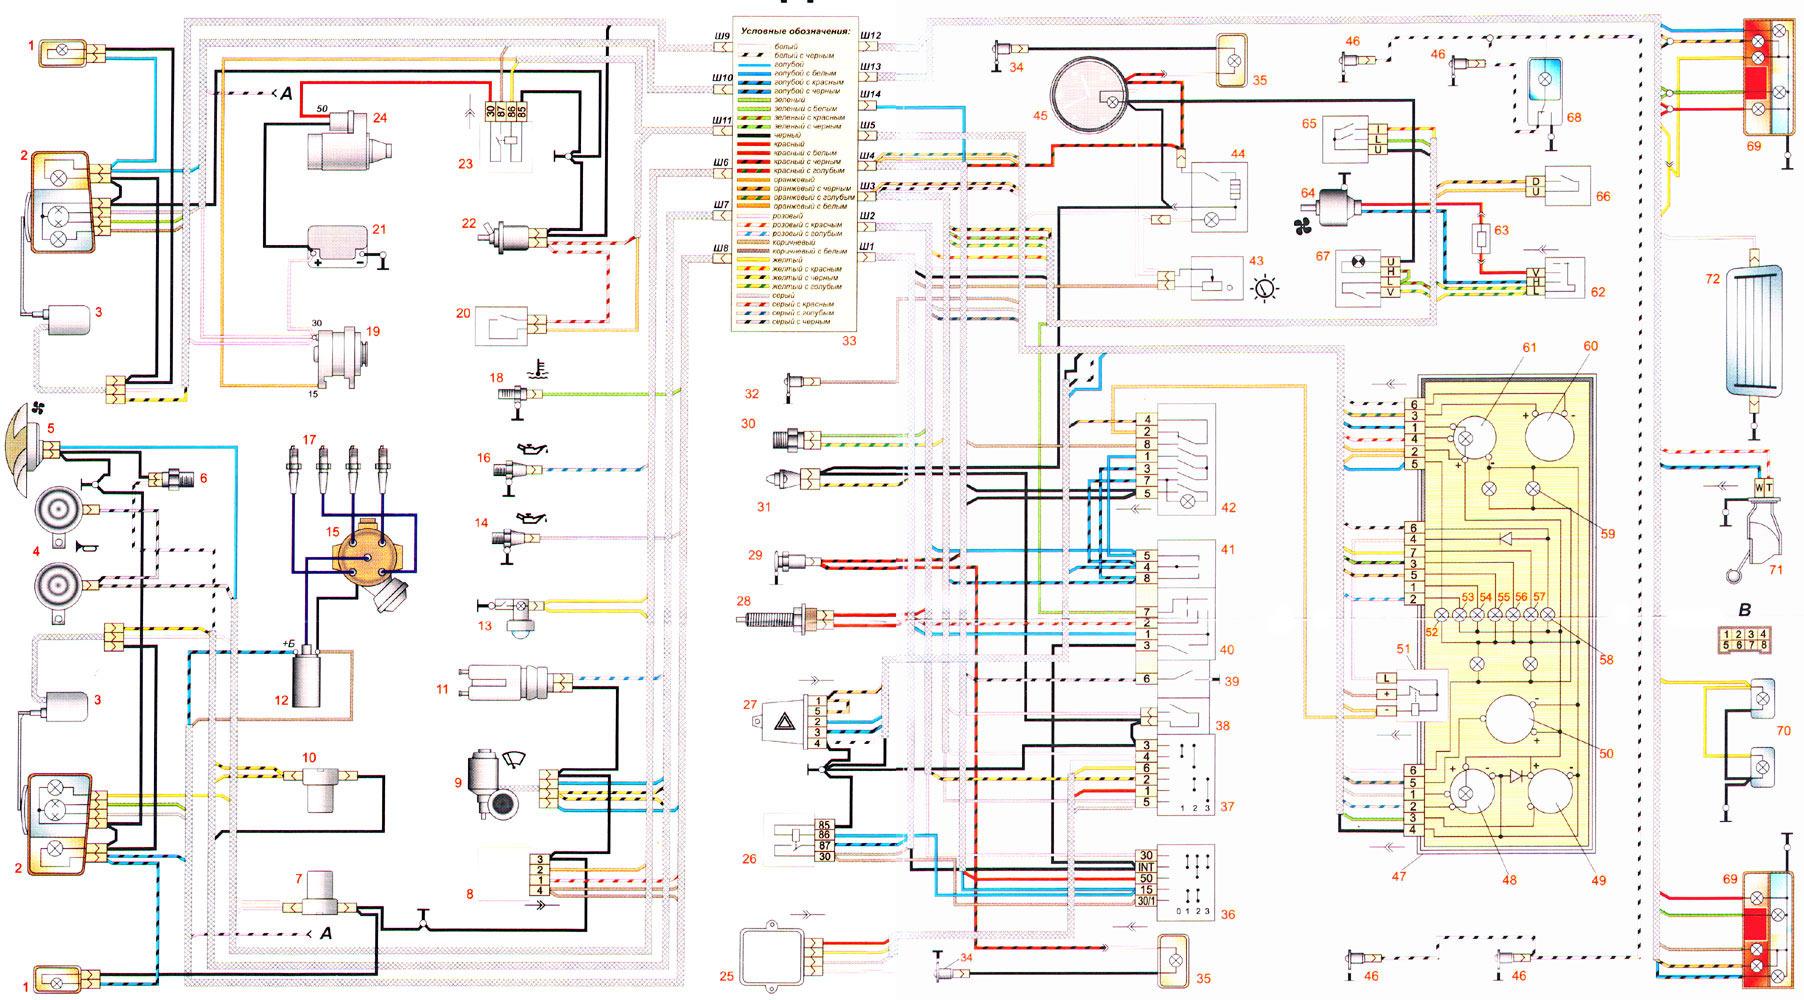 Схема проводки ВАЗ 21099 - инжектор, ремонт электропроводки своими руками: инструкция, Смотрите также схему...